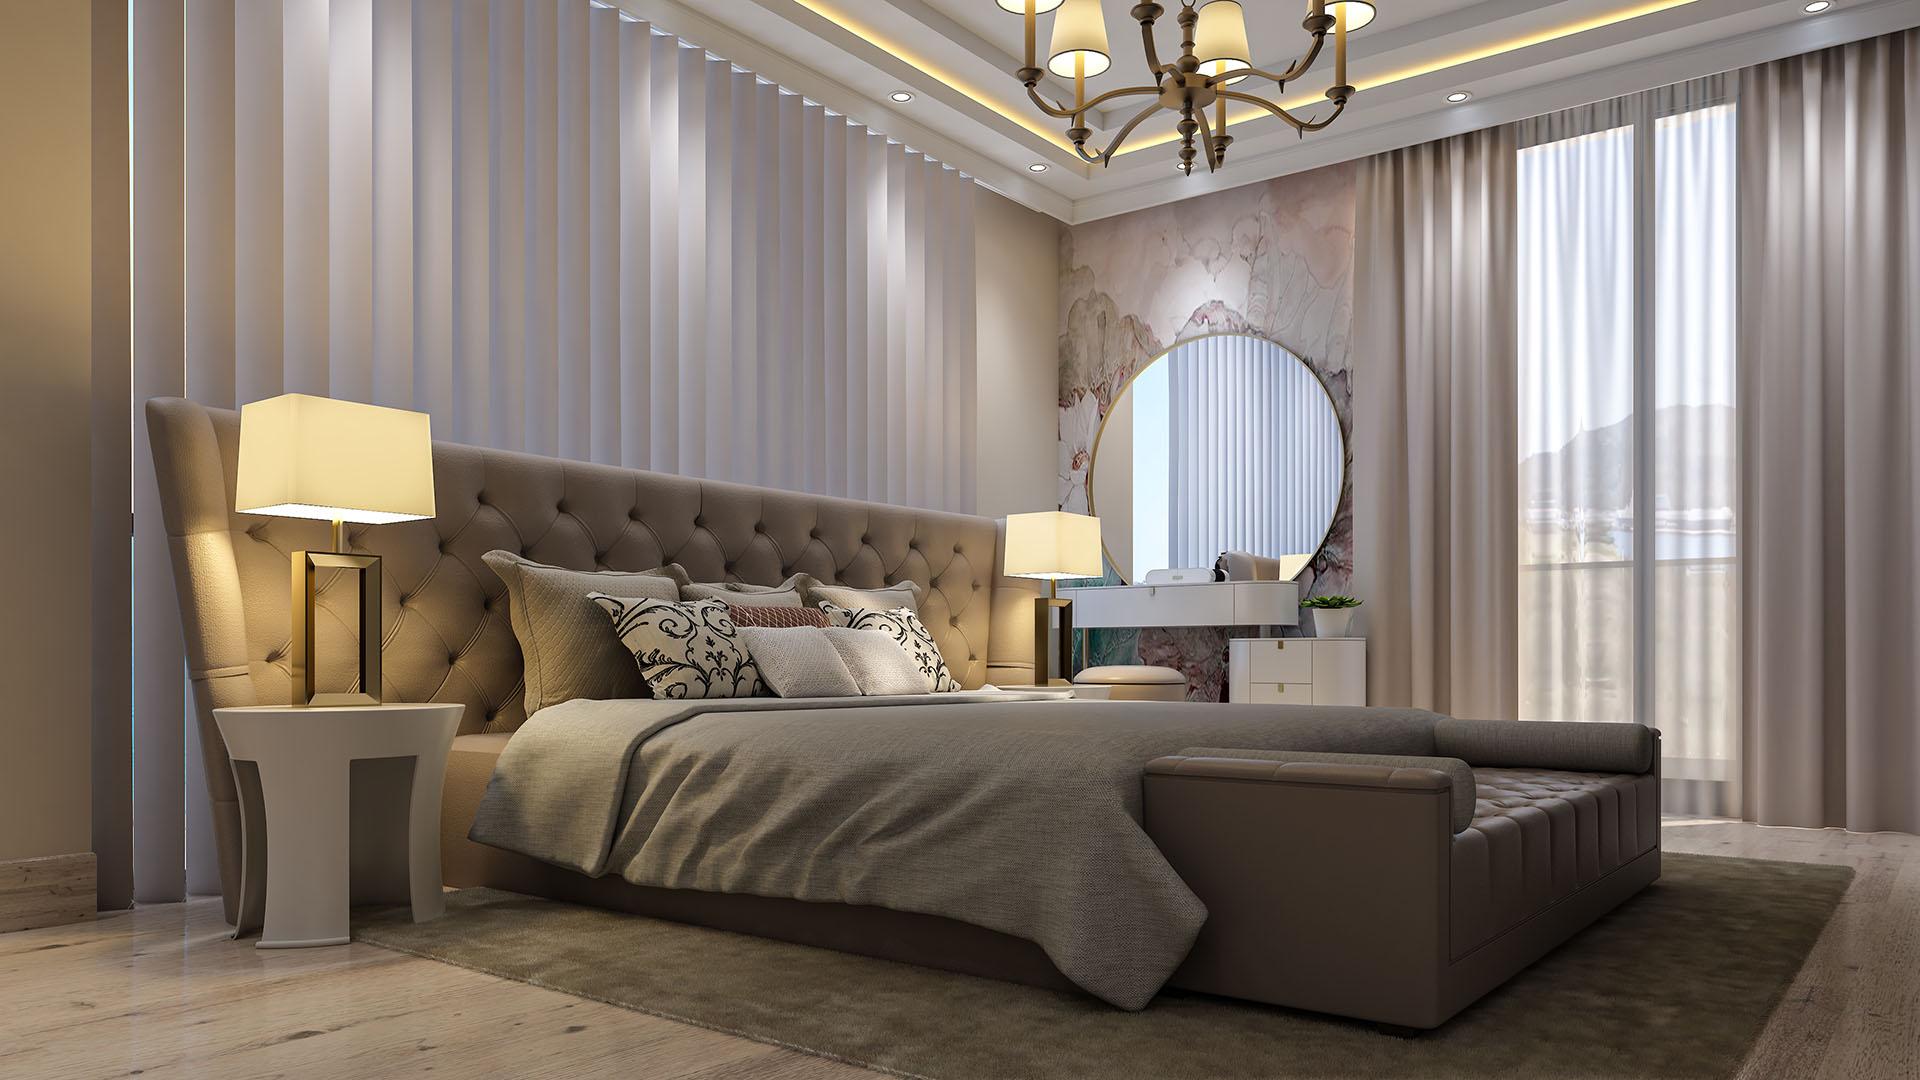 Modern Yatak Odasi Tasarim Modelleme